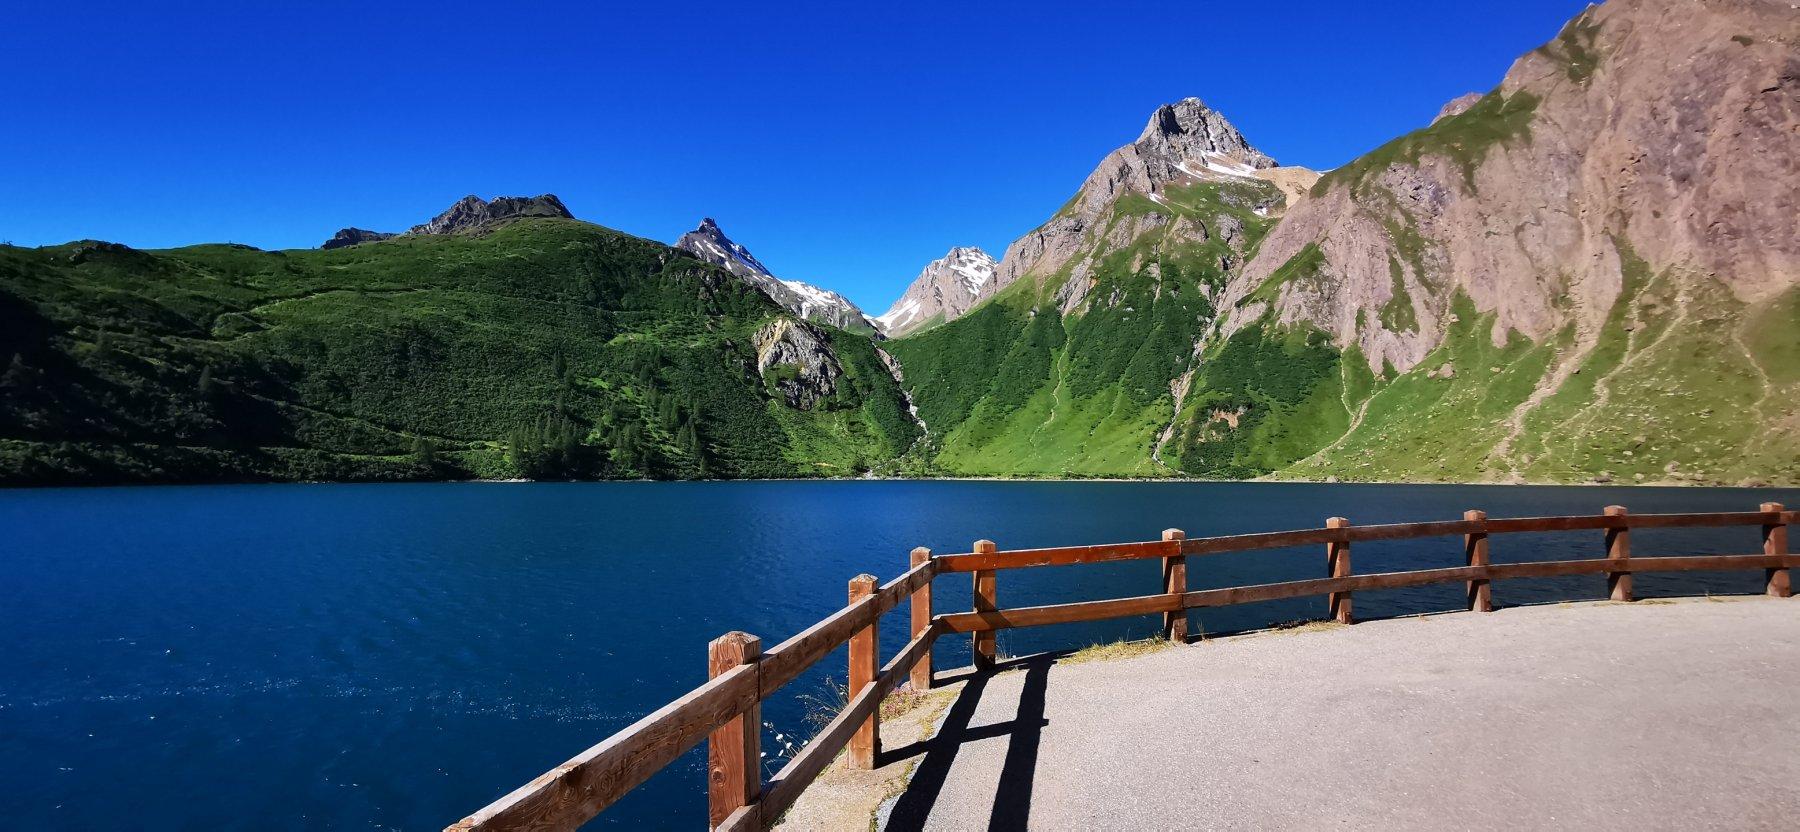 il Lago di Morasco, punto di partenza per questa bella gita